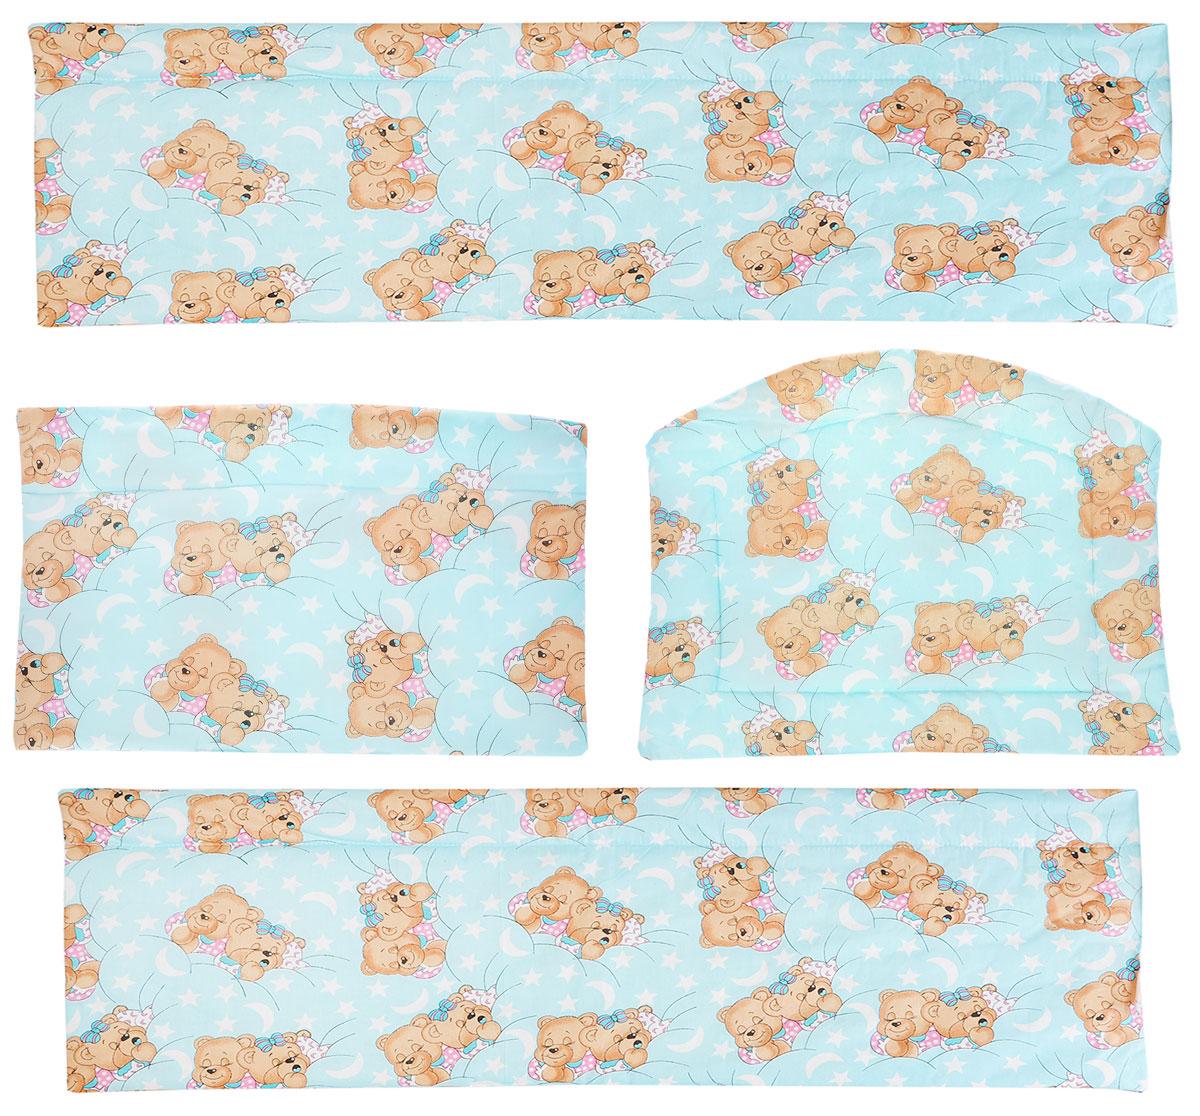 Фея Борт комбинированный Спящие мишки - Детская комната